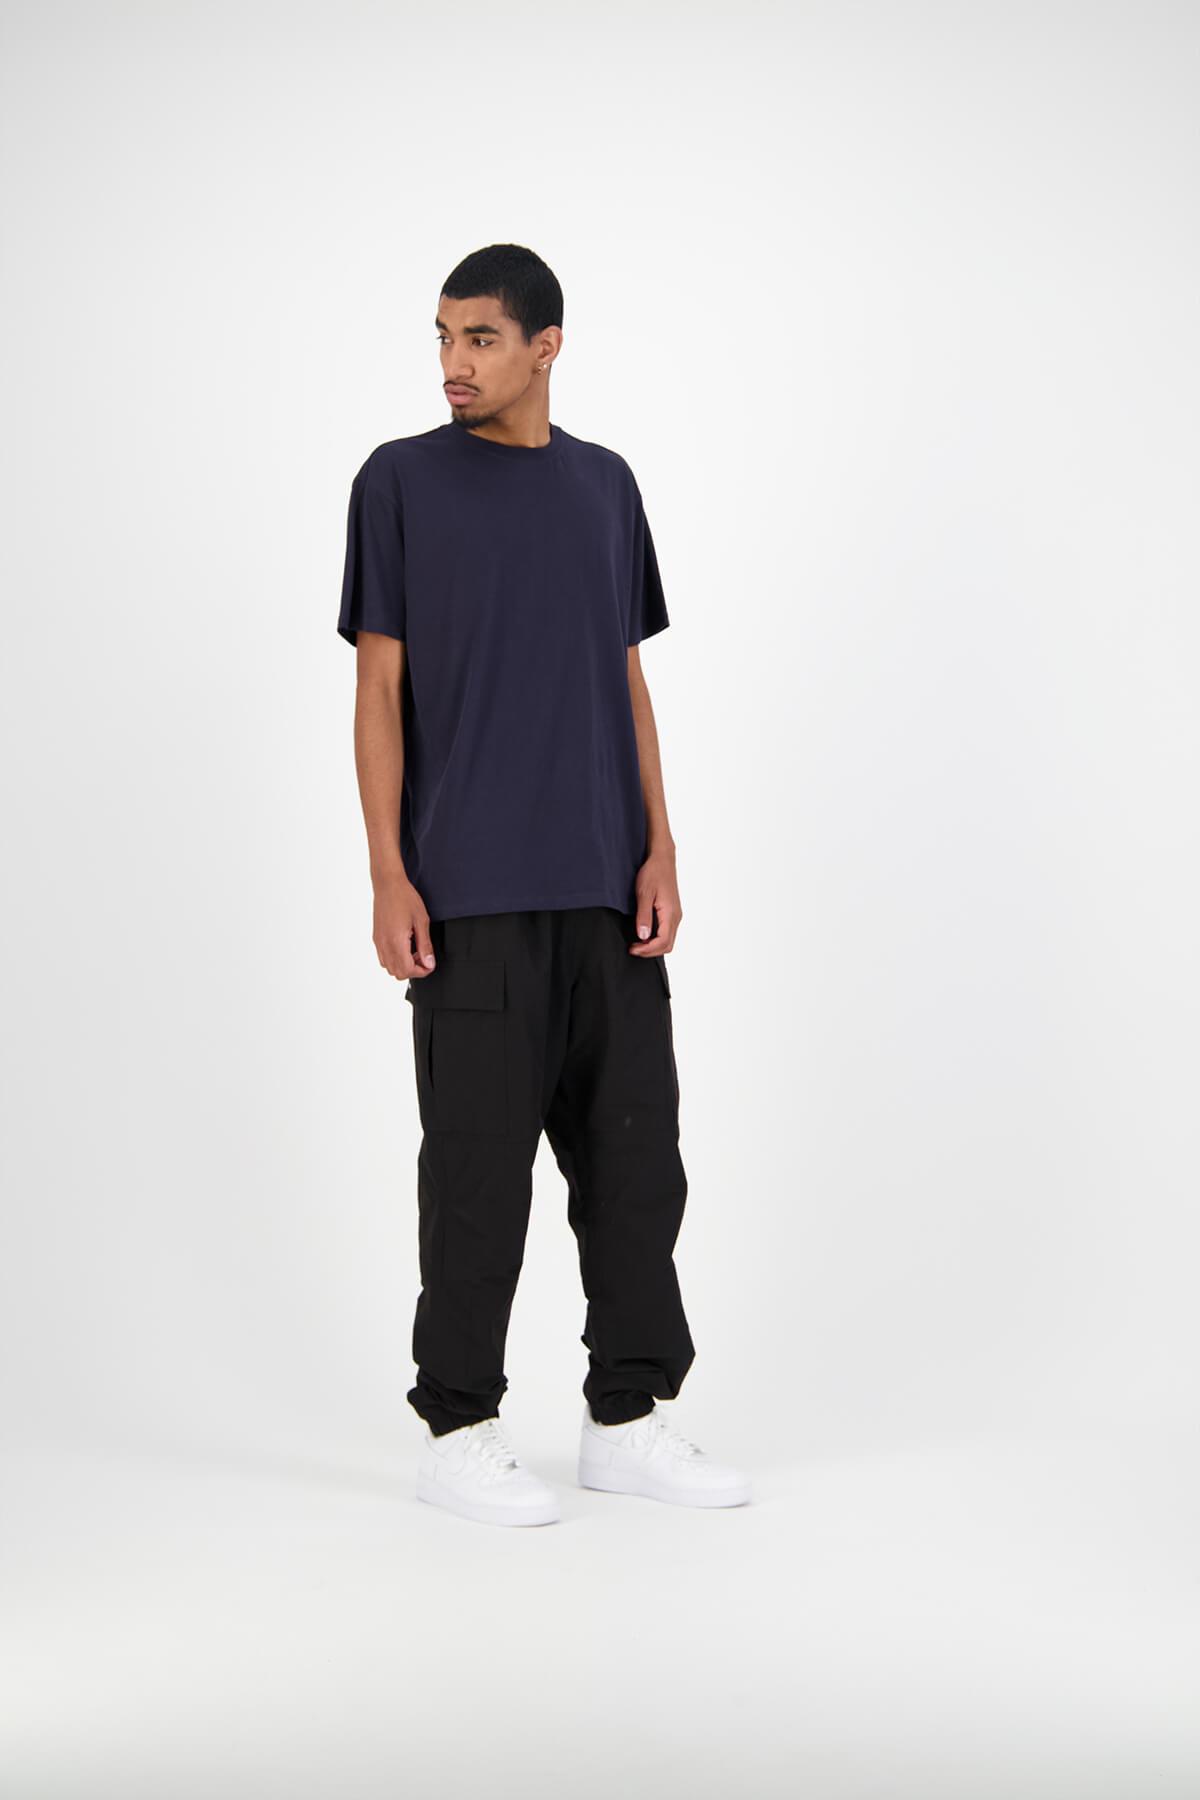 Huffer male model in studio wearing blue navy tee